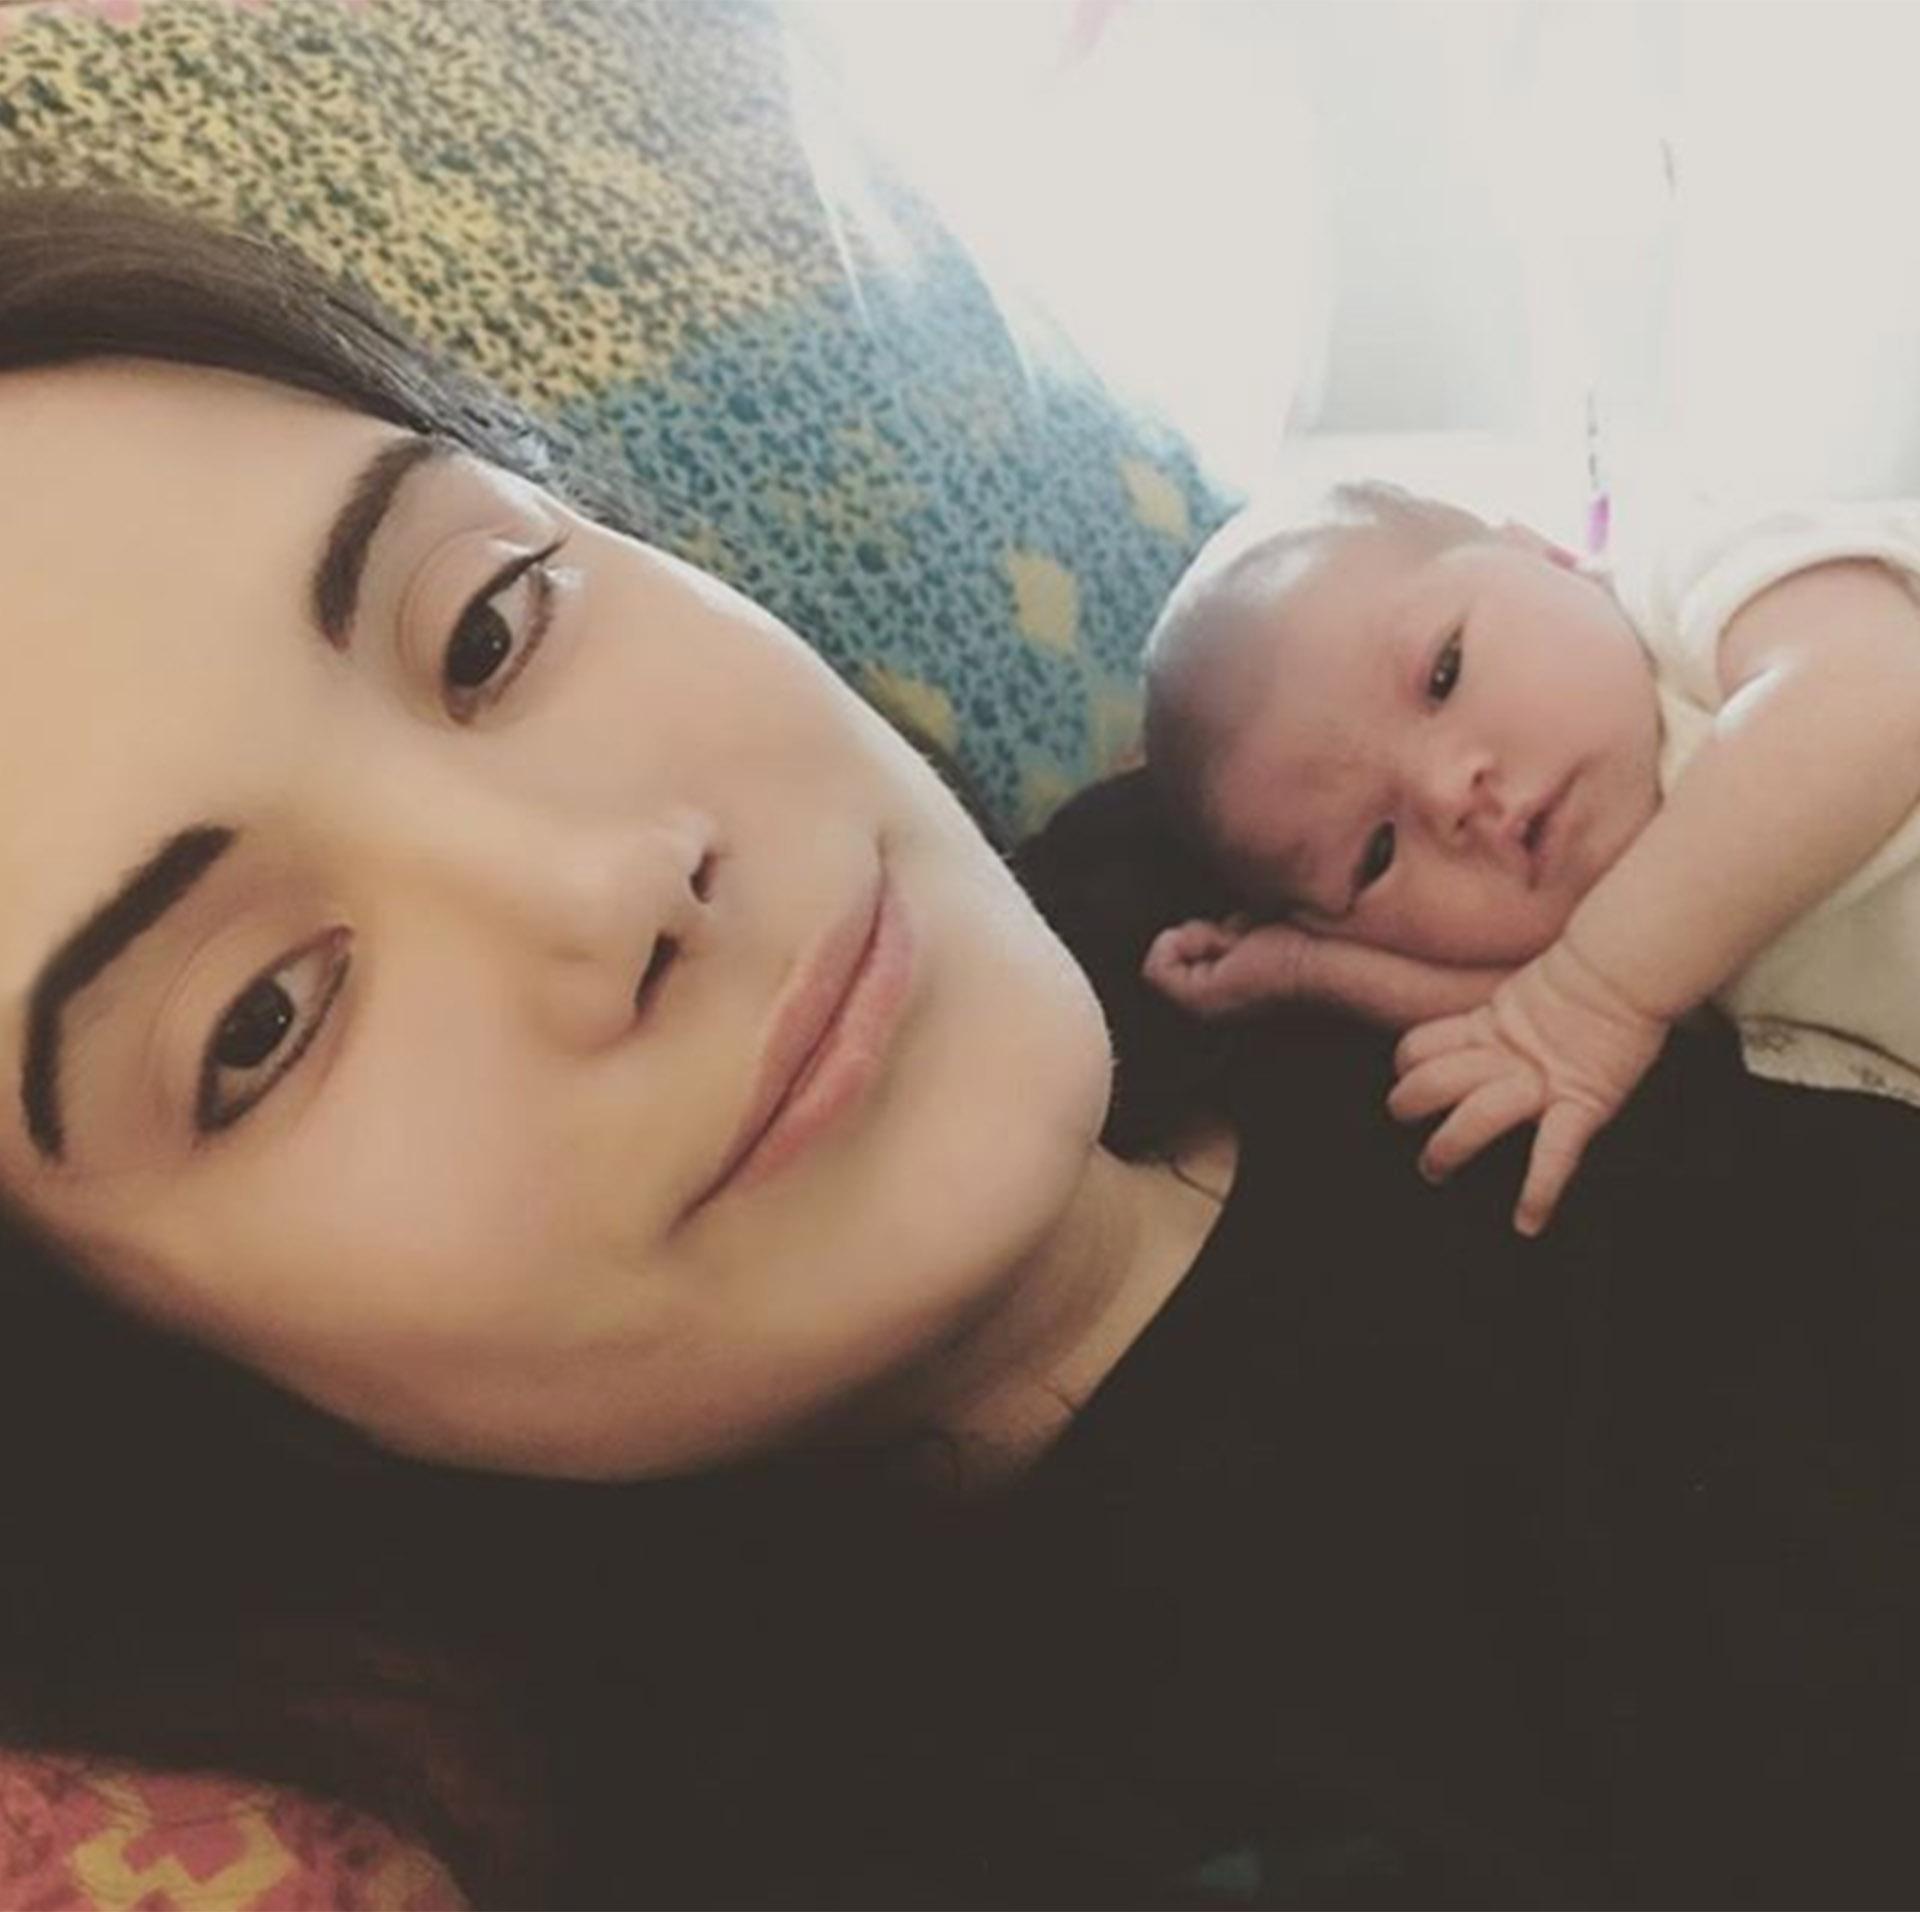 ¿De quién es esa naricita? ¡De papá! Felipe Pettinato presentó a su hija, Michaela, a una semana de su nacimiento. ¡Y es una belleza! (Instagram)